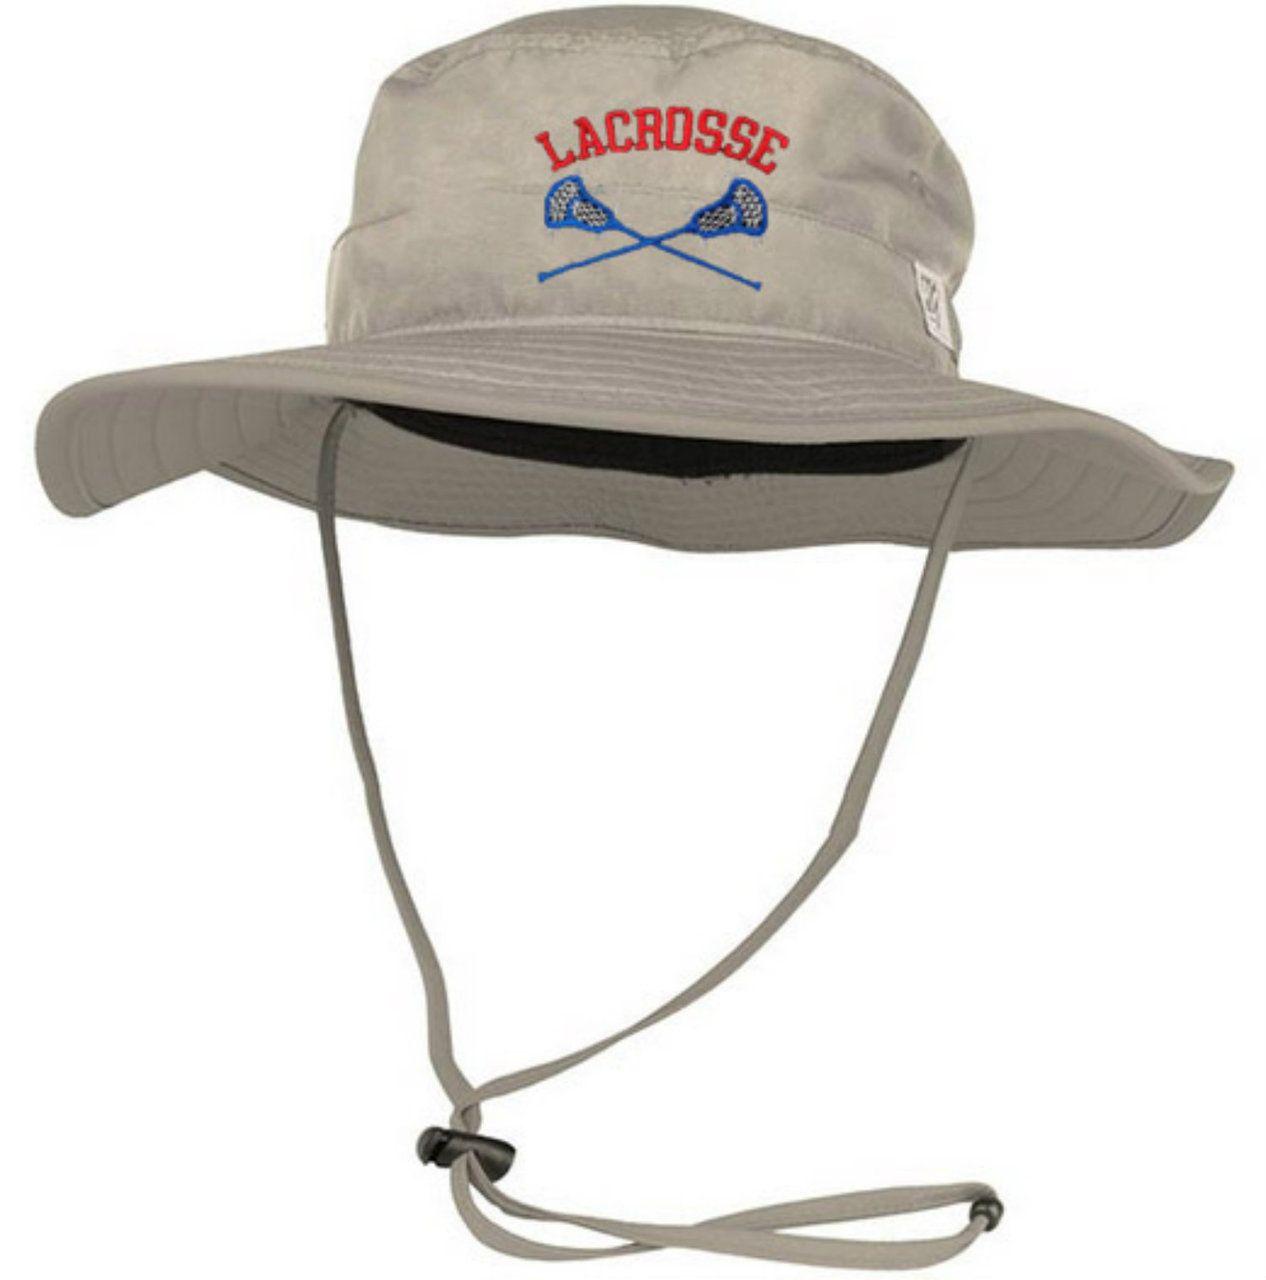 8087ecd90 Lacrosse Bucket Hat Stone | Embroidery Hat Ideas | Lacrosse sticks ...